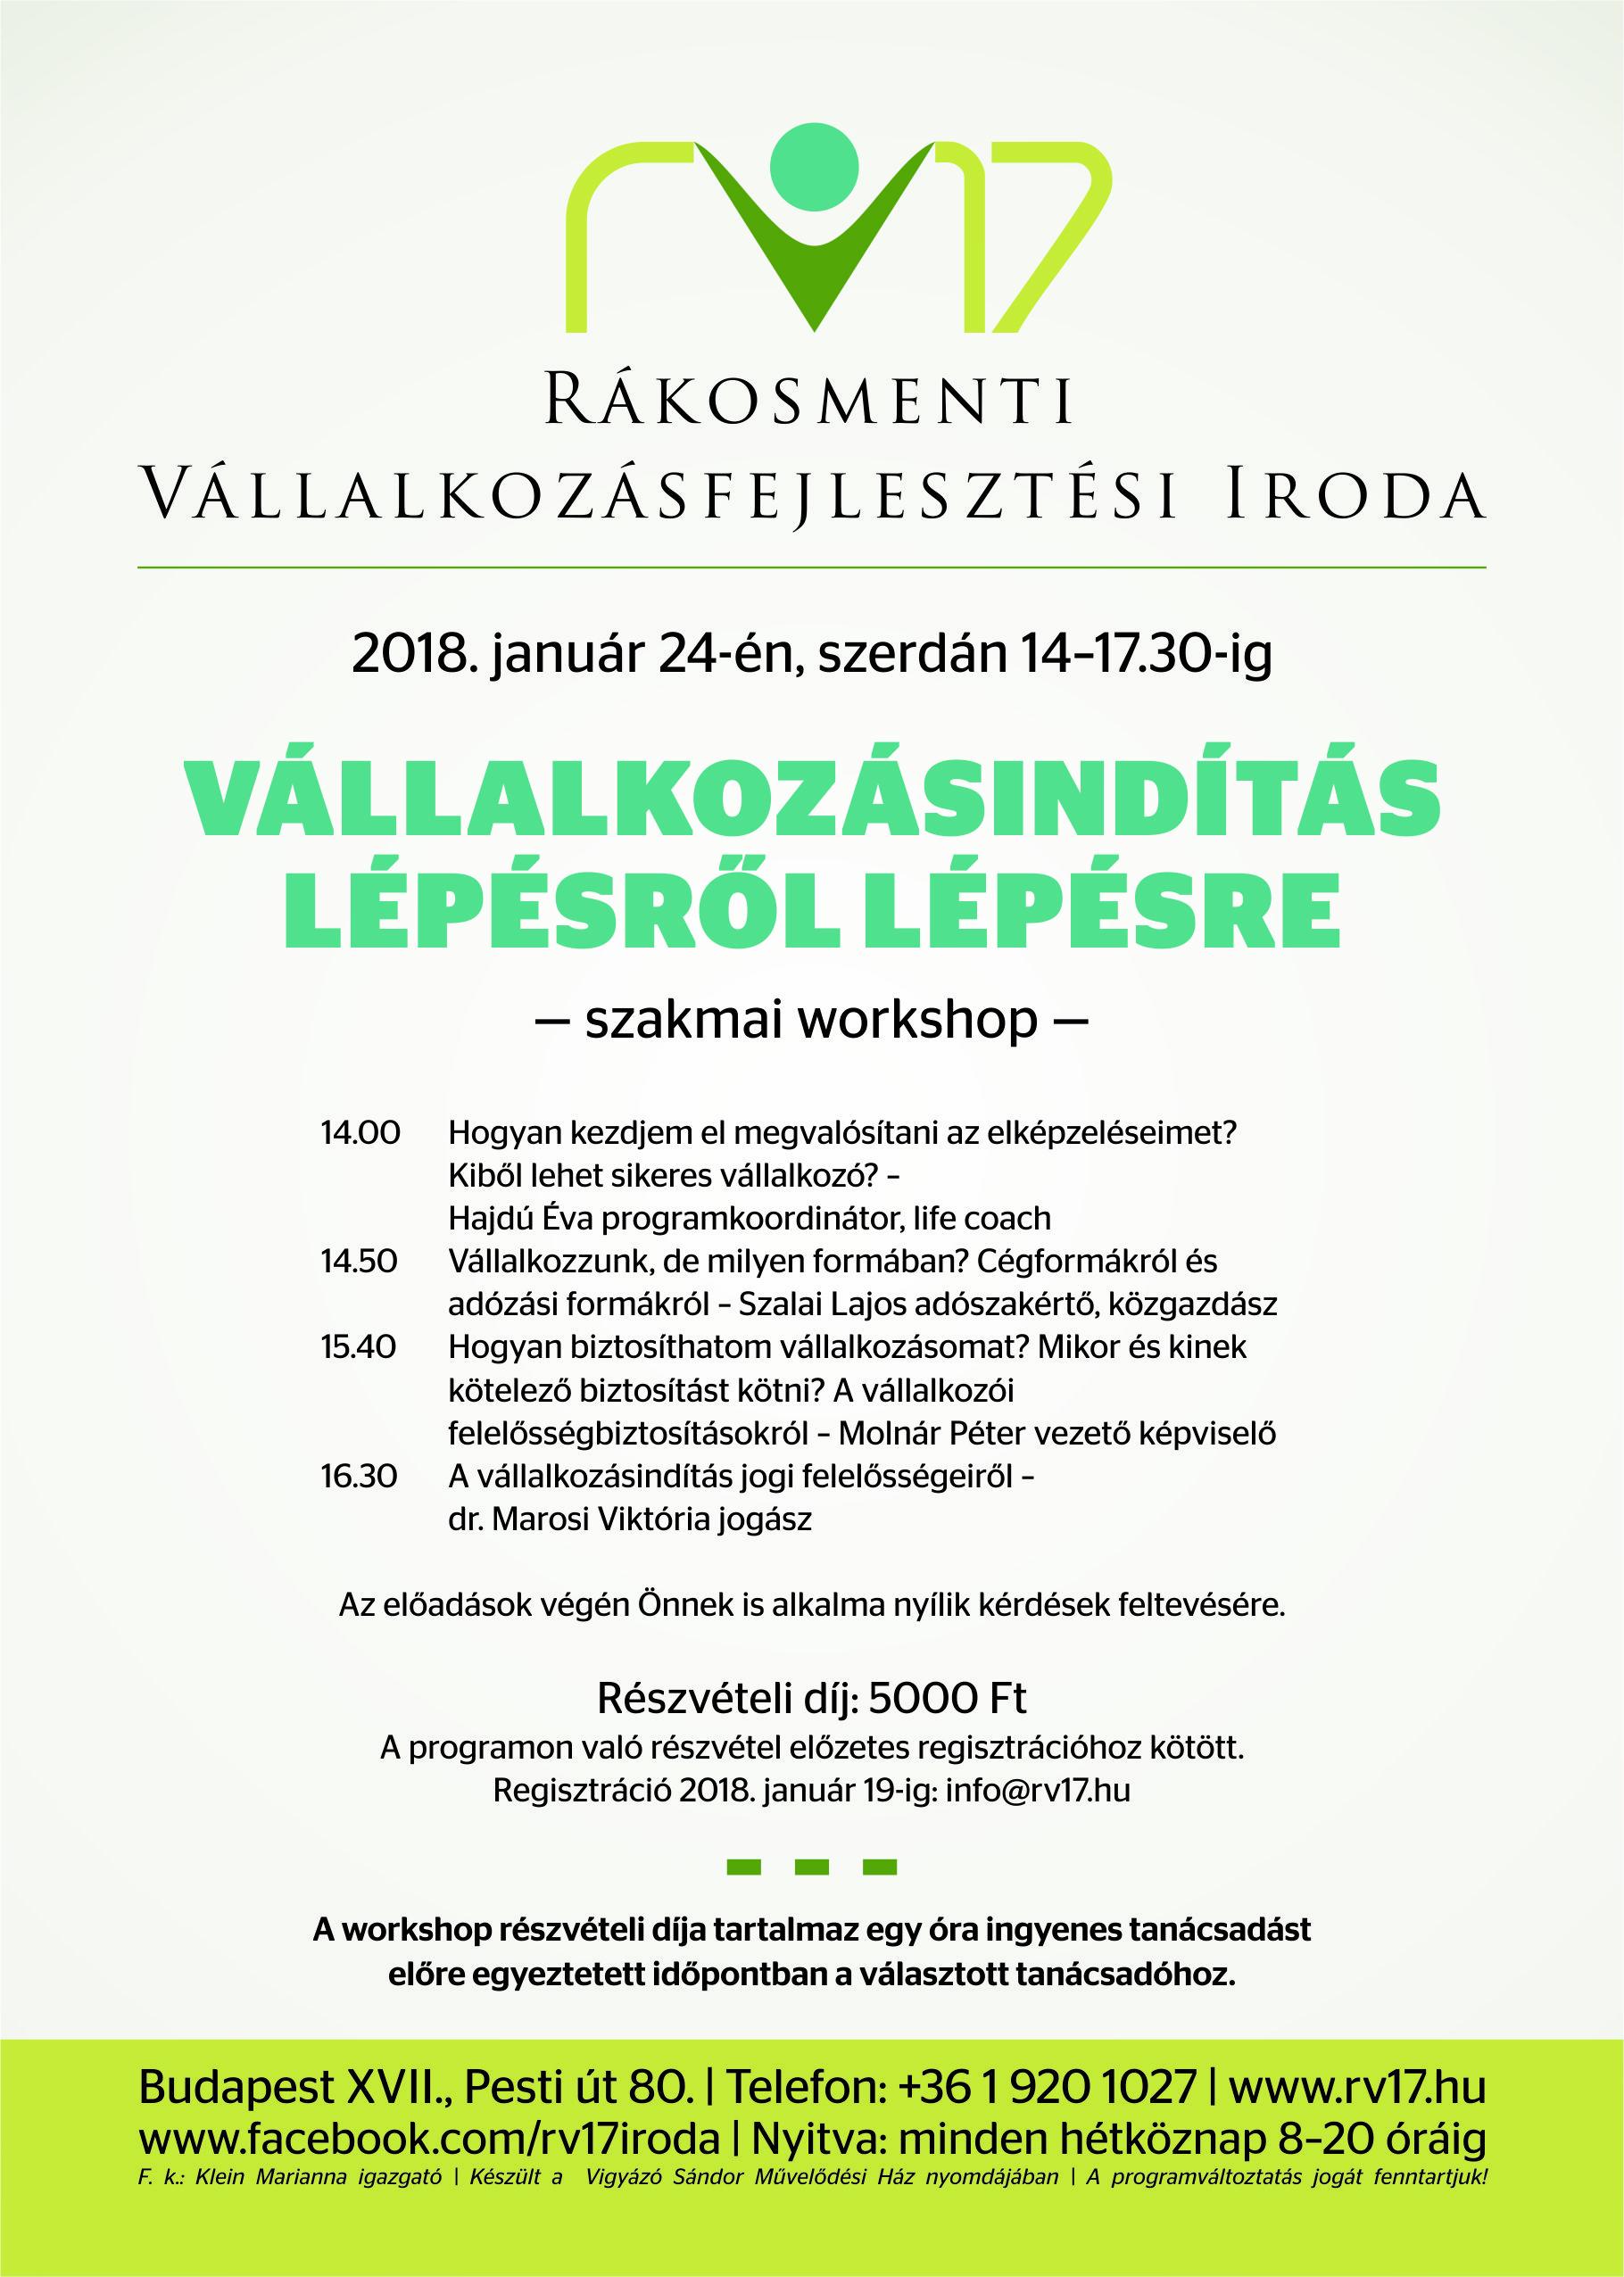 Vállalkozásindítás lépésről lépésre - 2018.01.24.